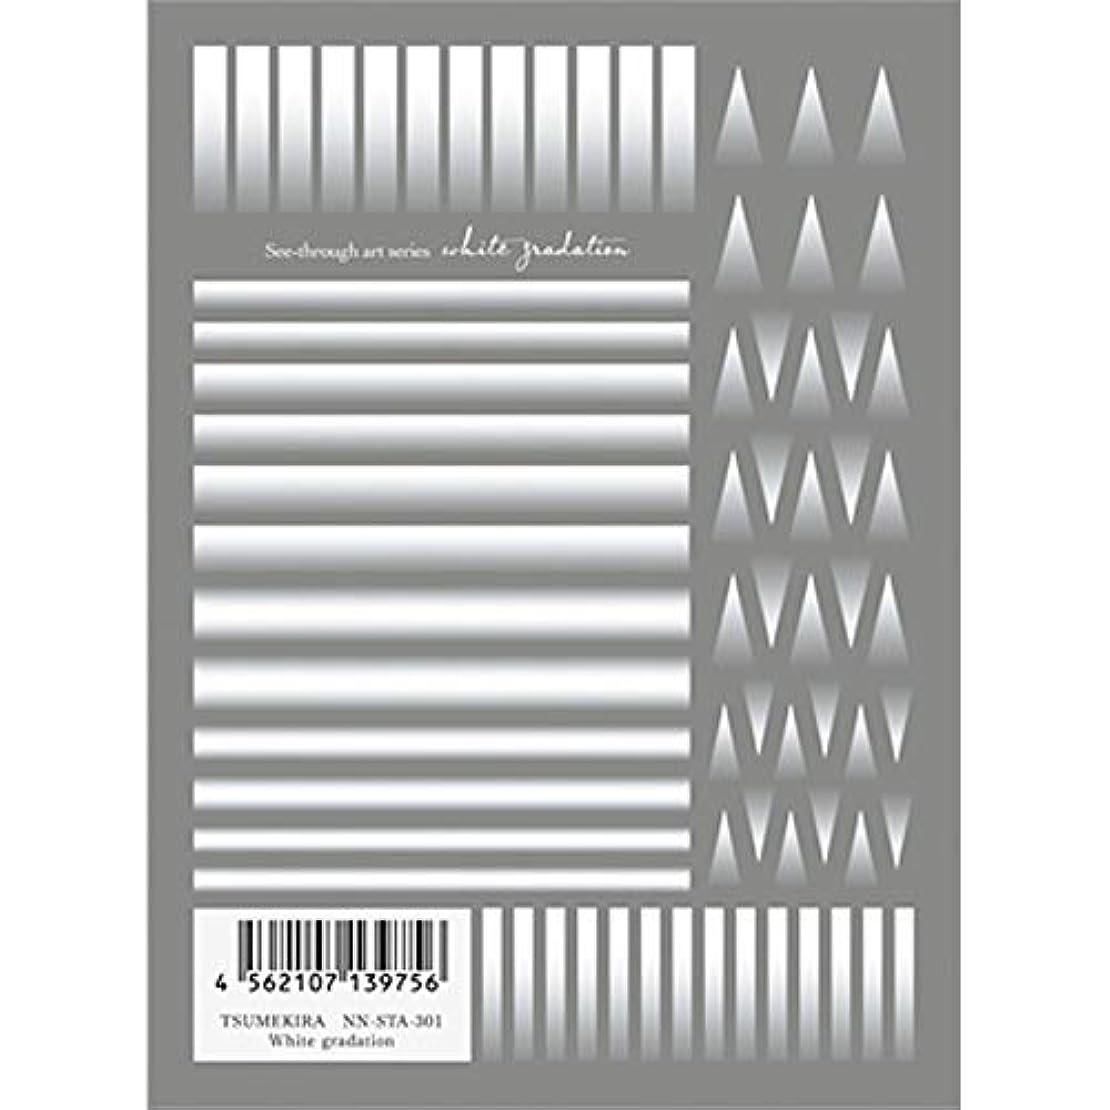 配管工四分円自分のためにツメキラ(TSUMEKIRA) ネイル用シール White gradation NN-STA-301